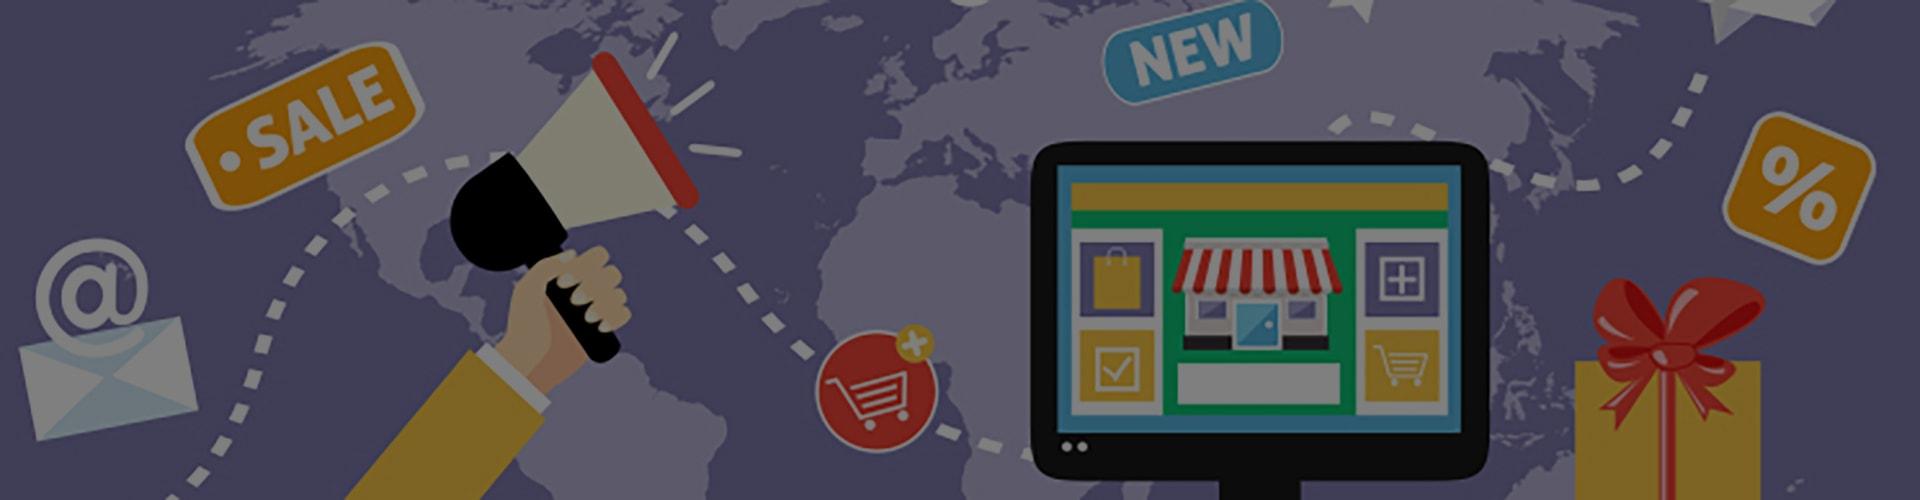 Создание интернет магазина с нуля